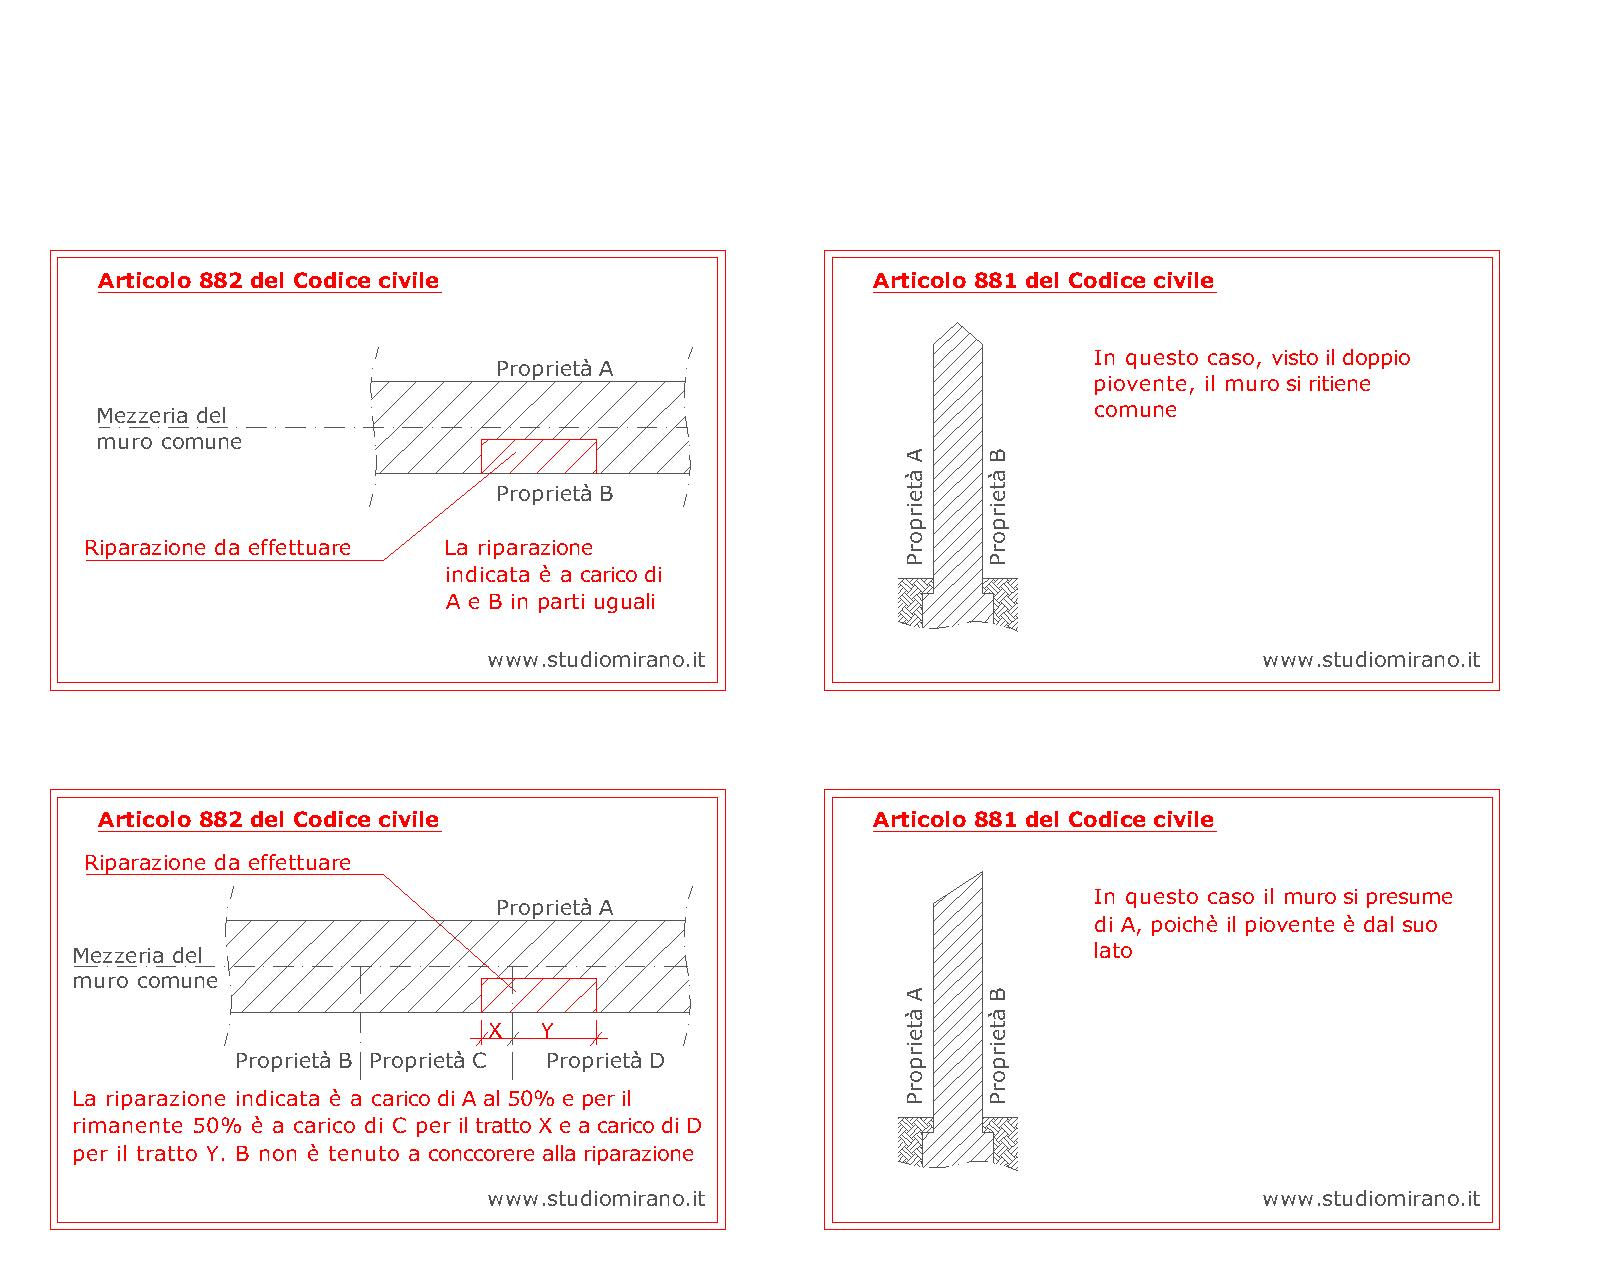 Luci E Vedute Codice Civile.Commenti Agli Articoli Del Codice Civile Inerenti Le Distanze E